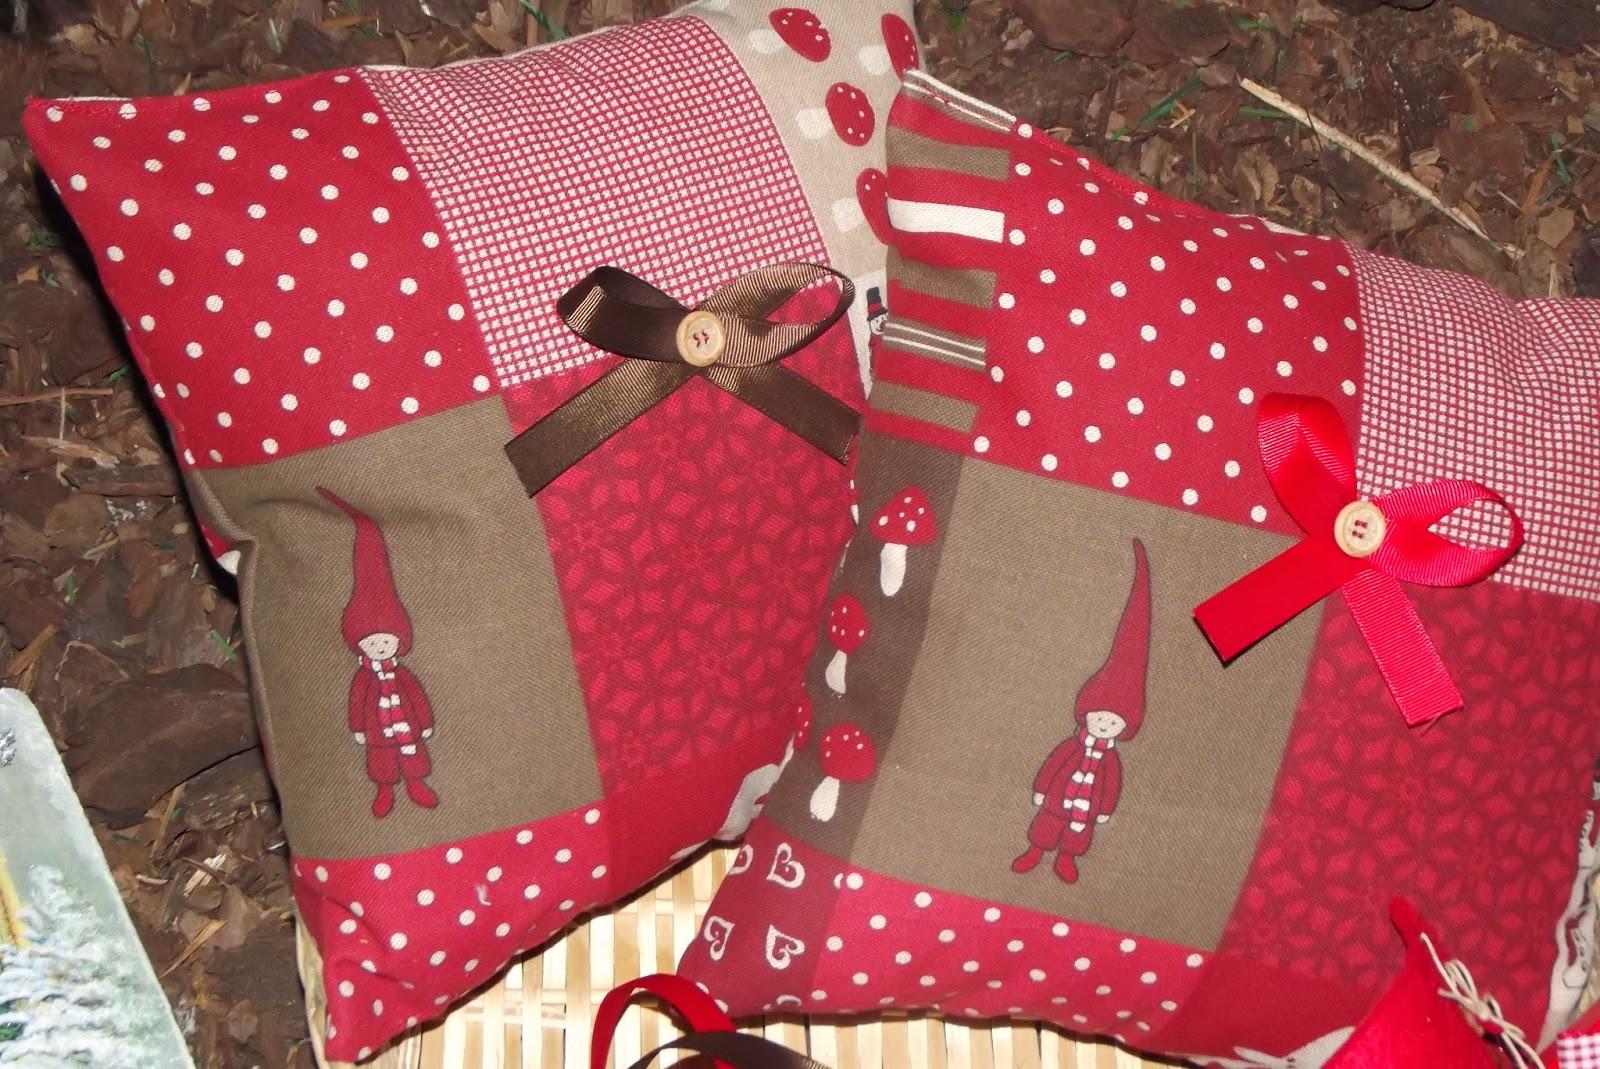 Idee Creative Cucito : Il bruco cucito creativo cuscini natalizi